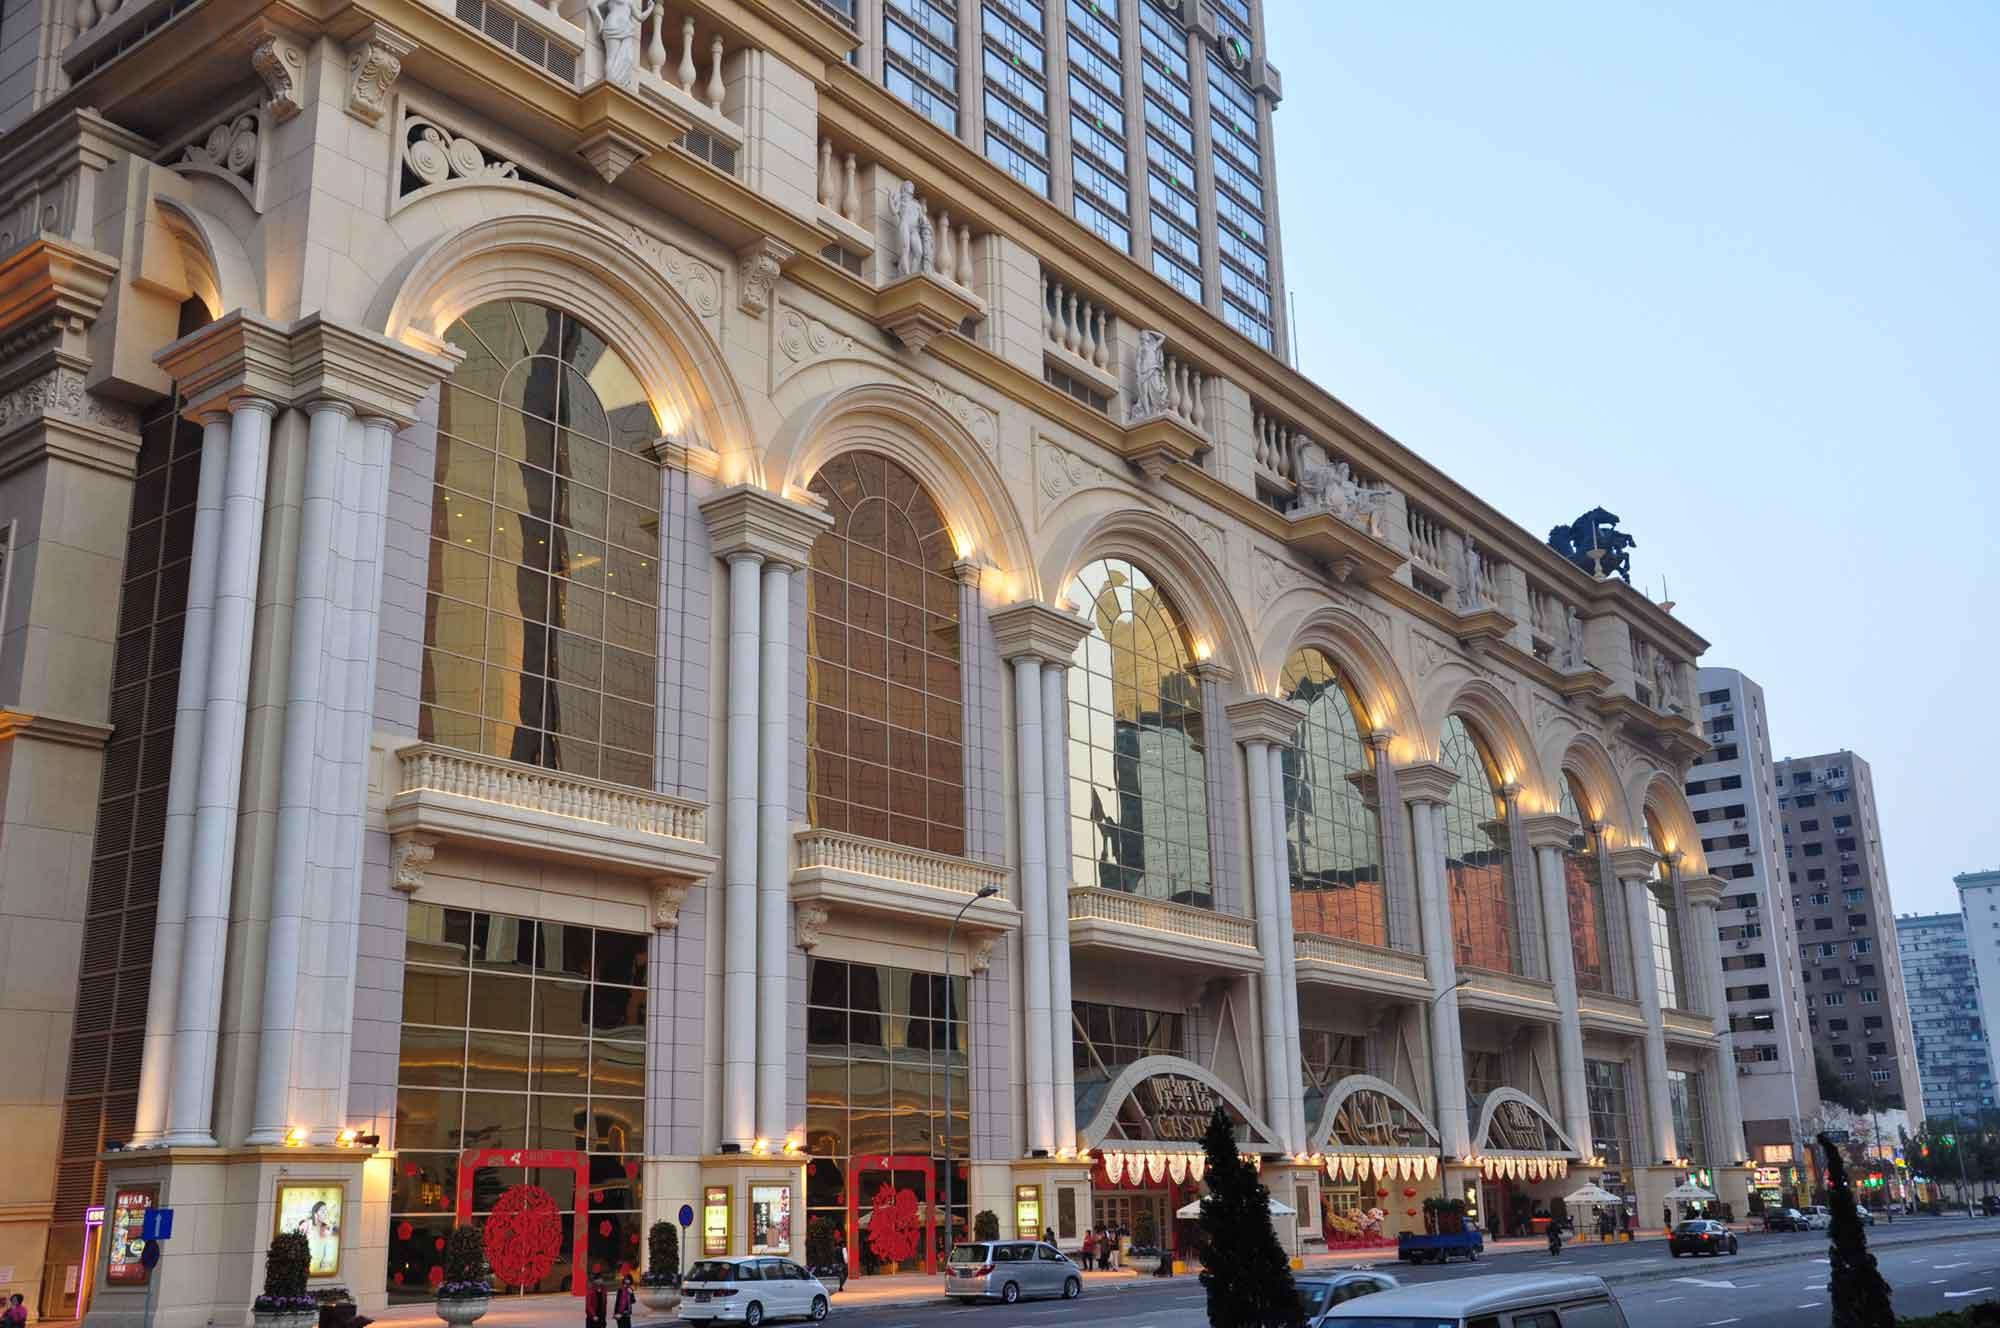 L'Arc Macau Hotel